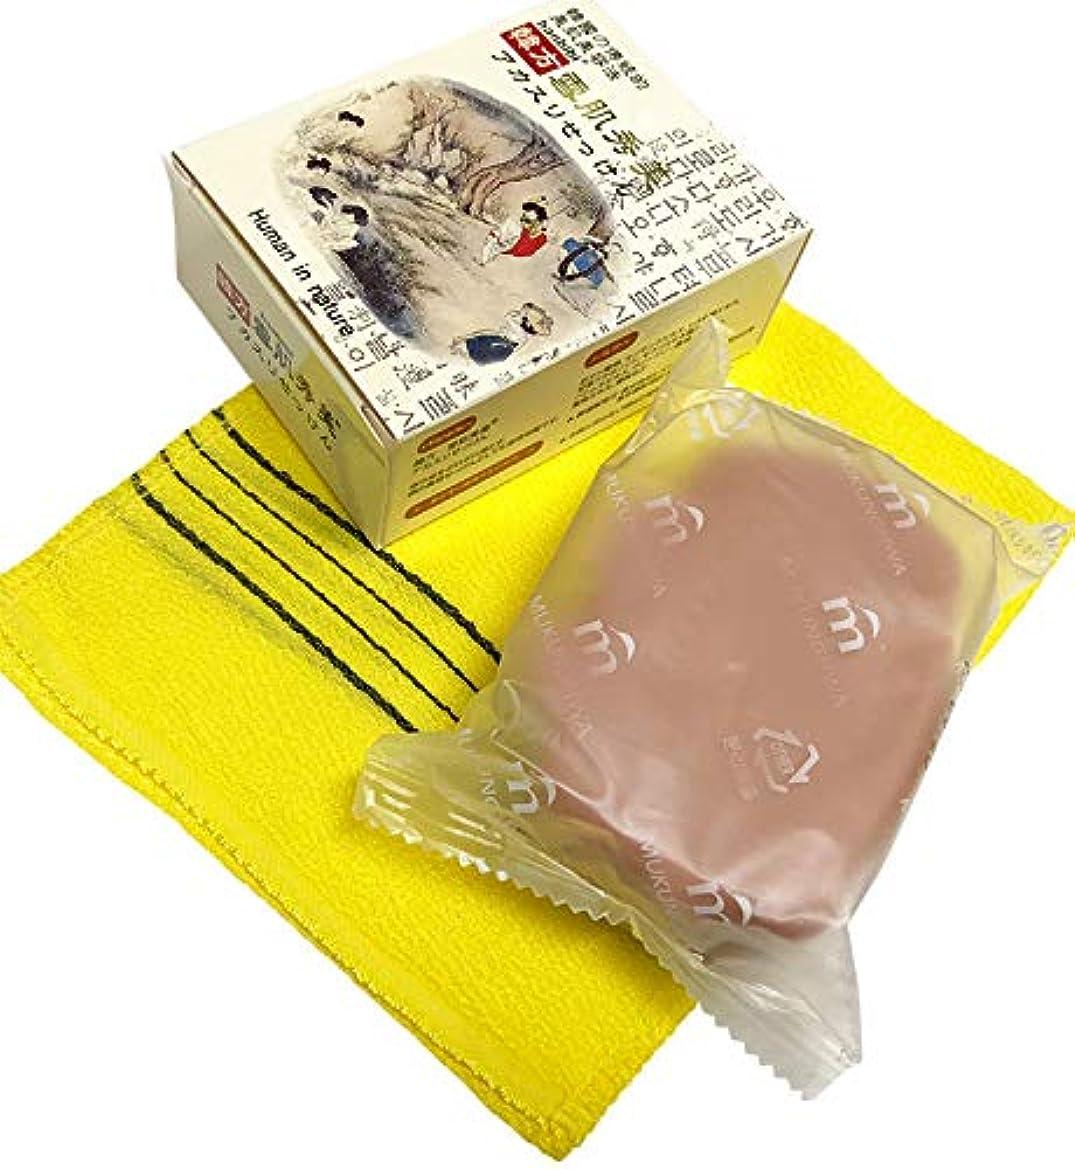 ルアーコンサルタントエミュレーション顔、体兼用、蜂蜜香りの韓方石ケン、韓国コスメ 韓方[雪肌美]蜂蜜アカスリせっけん アカスリ専用タオル付き